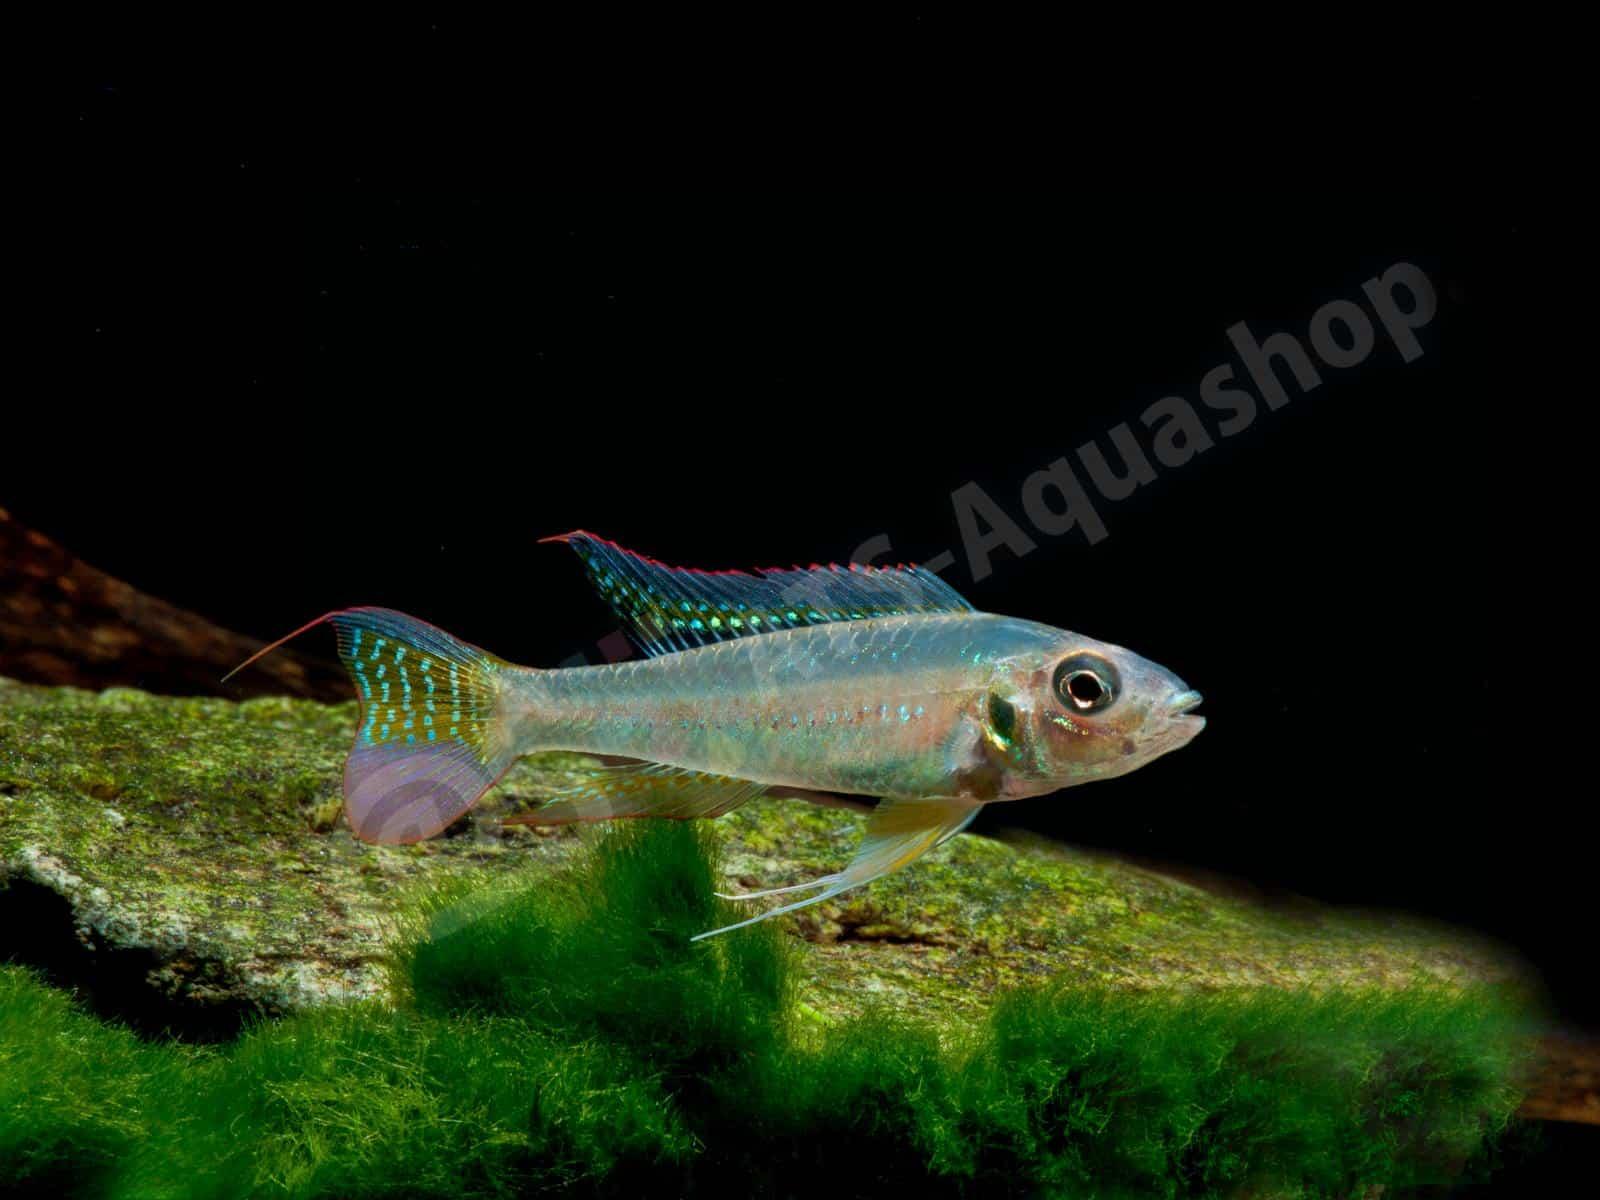 biotoecus opercularis enrico richter 0208 7